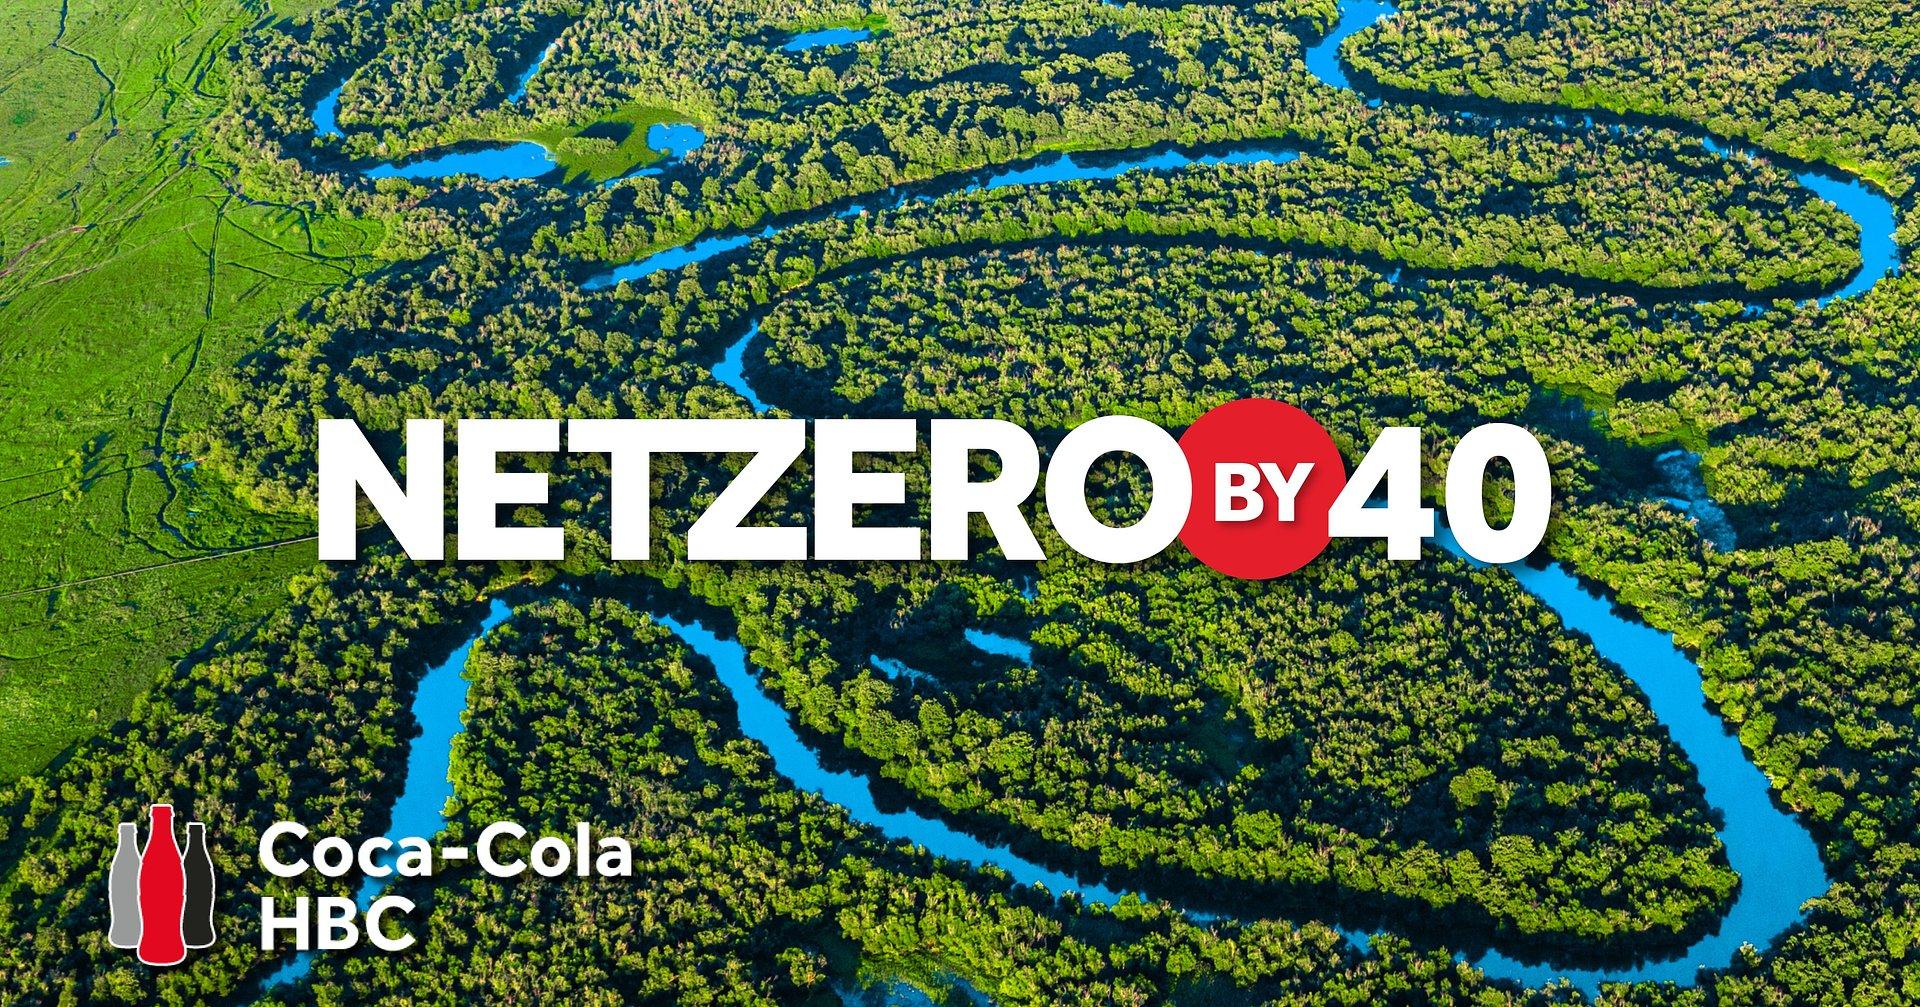 Coca-Cola HBC zobowiązuje się do osiągnięcia zerowej emisyjności netto do roku 2040